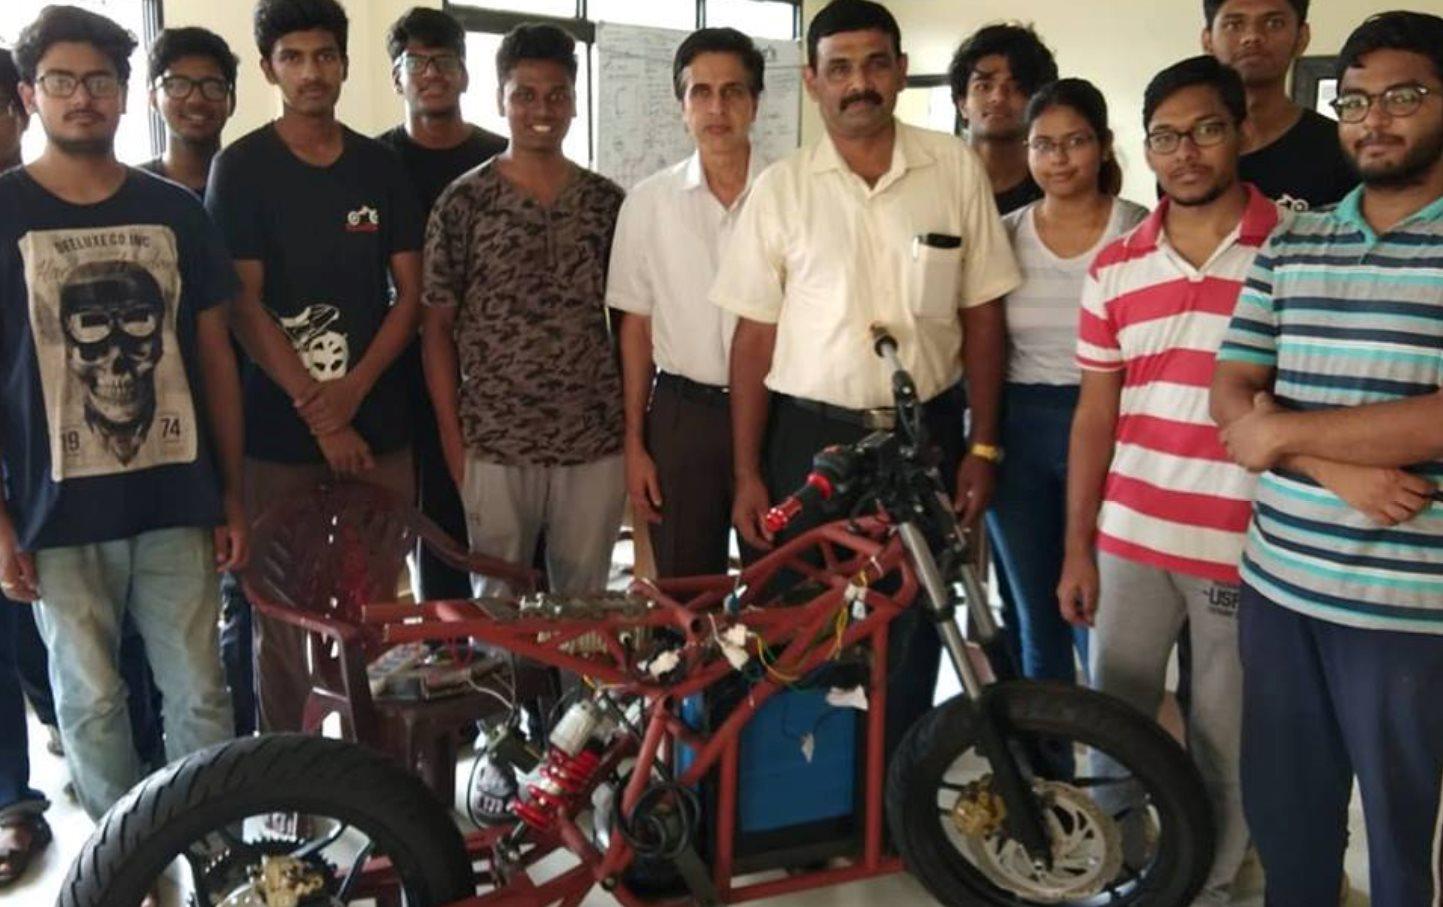 Estudiantes de ingeniería en India crean sus propias motos eléctricas